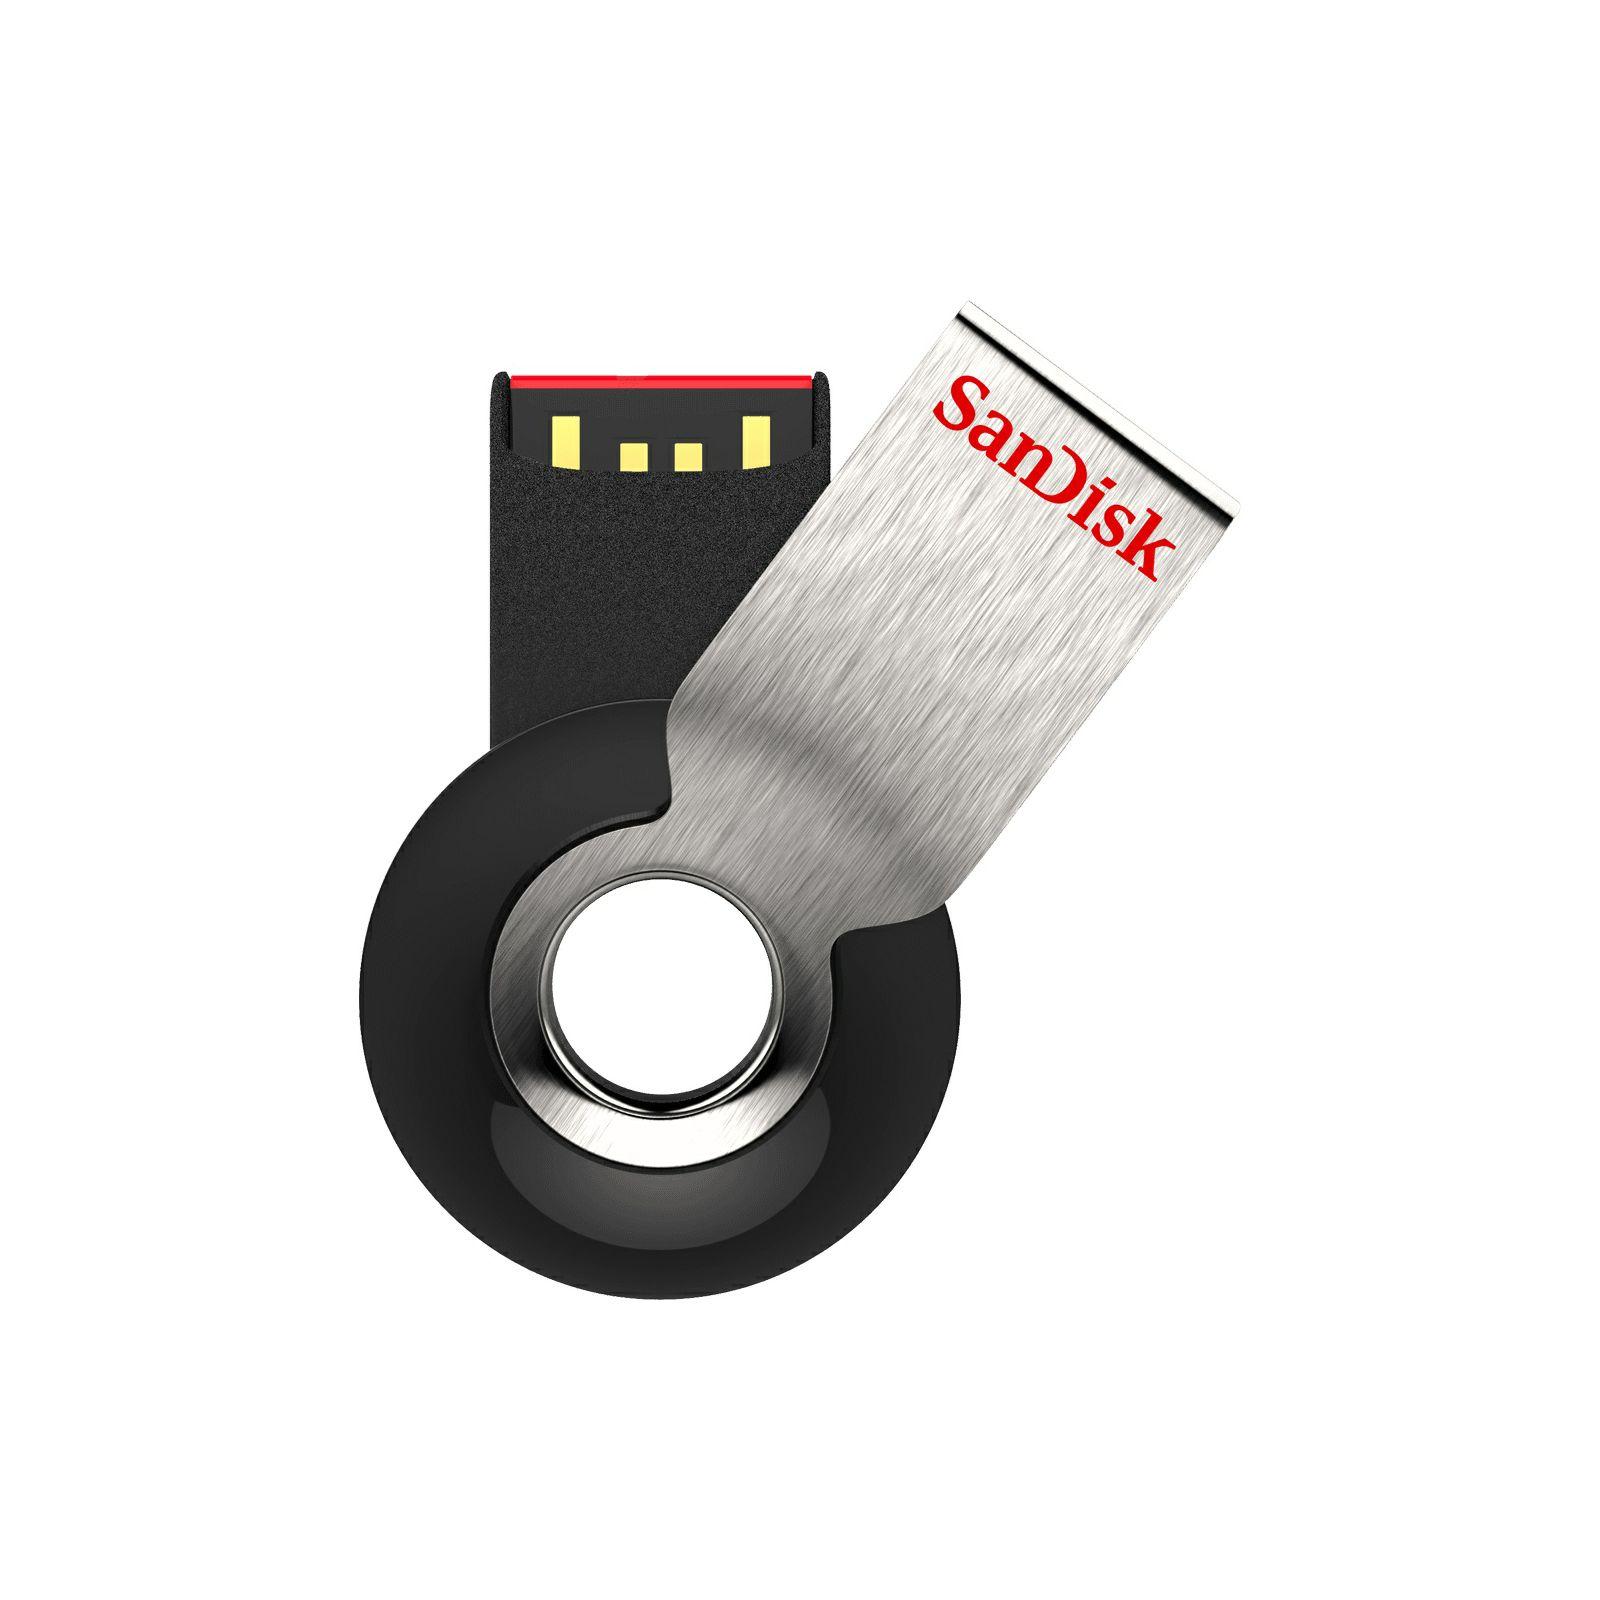 SanDisk Cruzer Orbit 4GB SDCZ58-004G-B35 USB Memory Stick